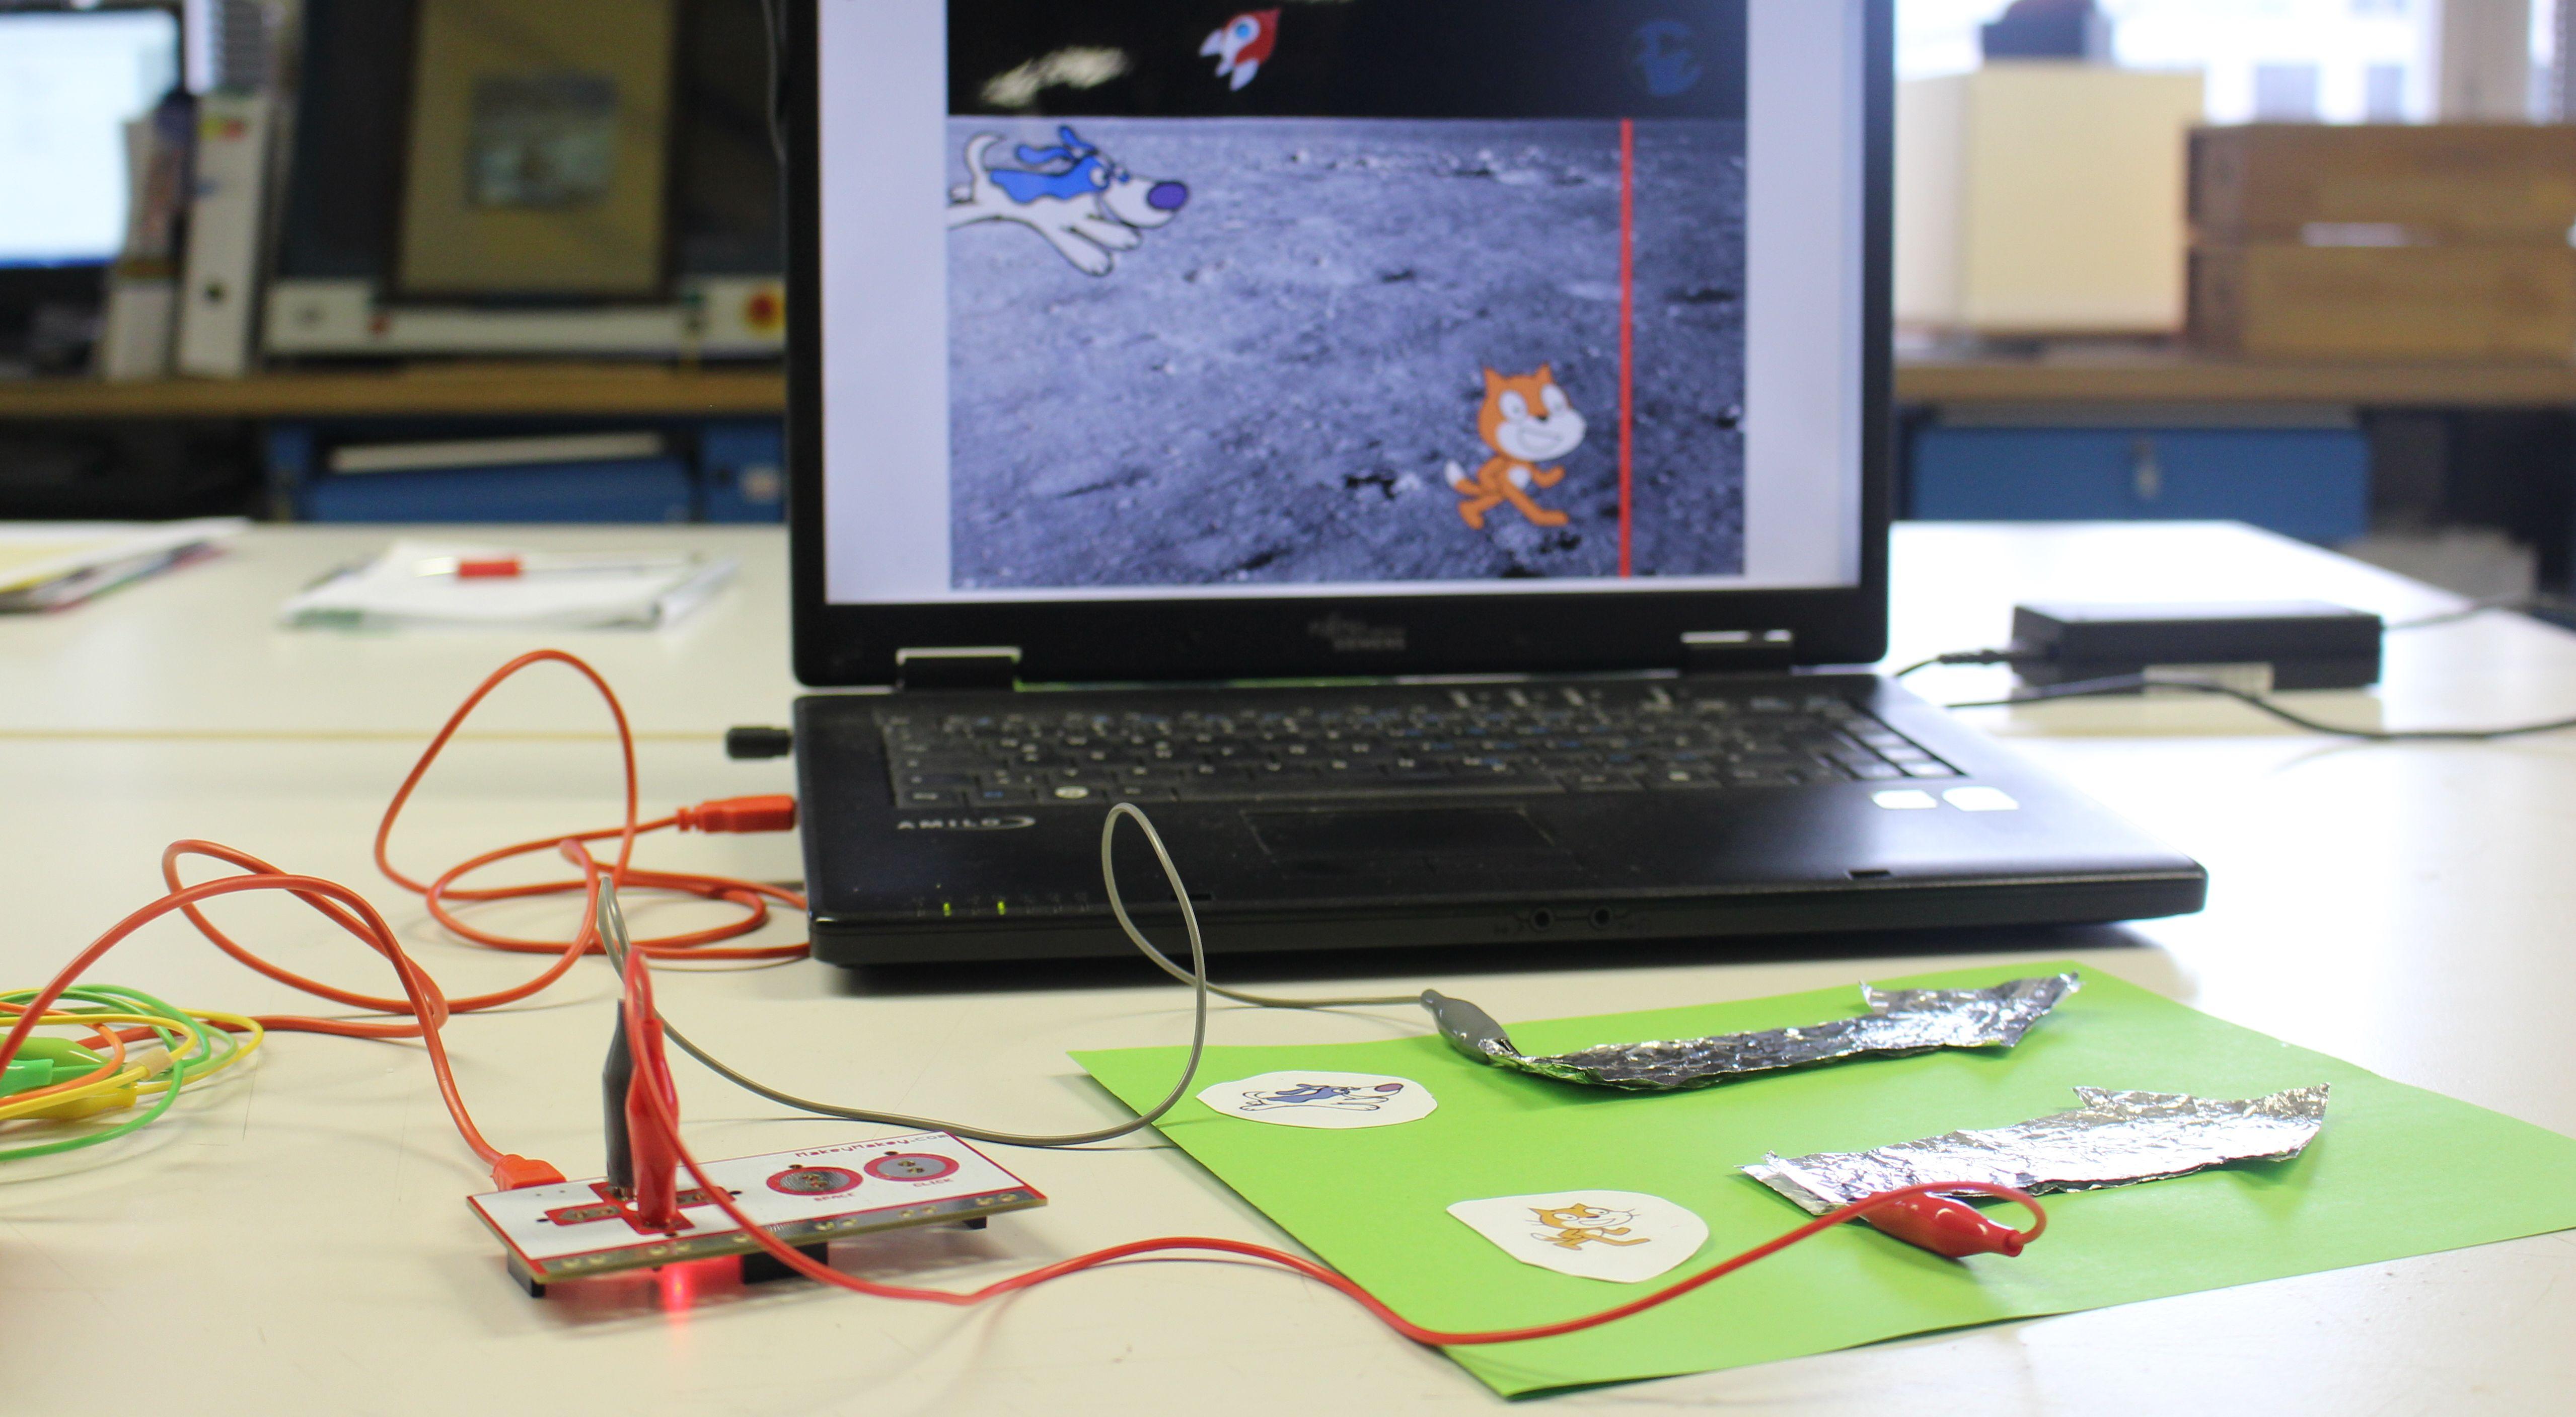 Laptop mit Scratch-programmierten Computerspiel mit selbstgebauten MaKey-MaKey-Controller: Zwei Pfeile aus Aluminiumfolie angeschlossen an die Steuerplatine